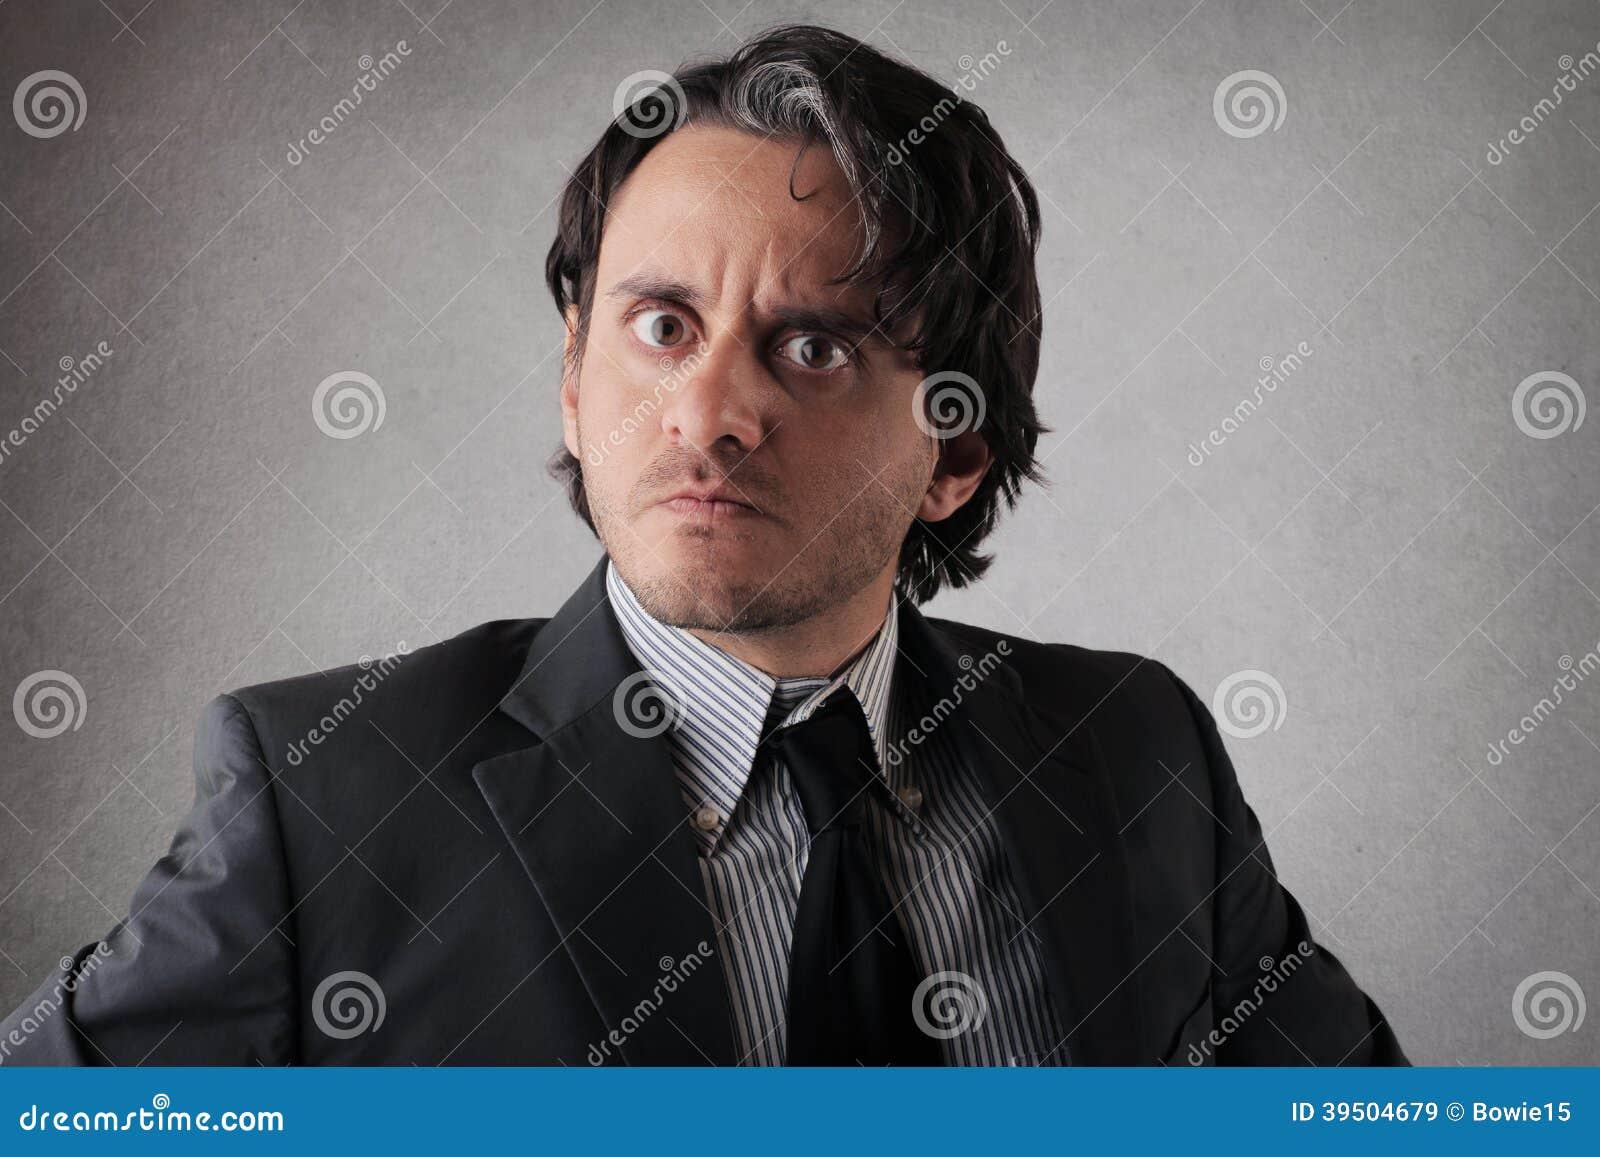 Suspicious doubtful businessman